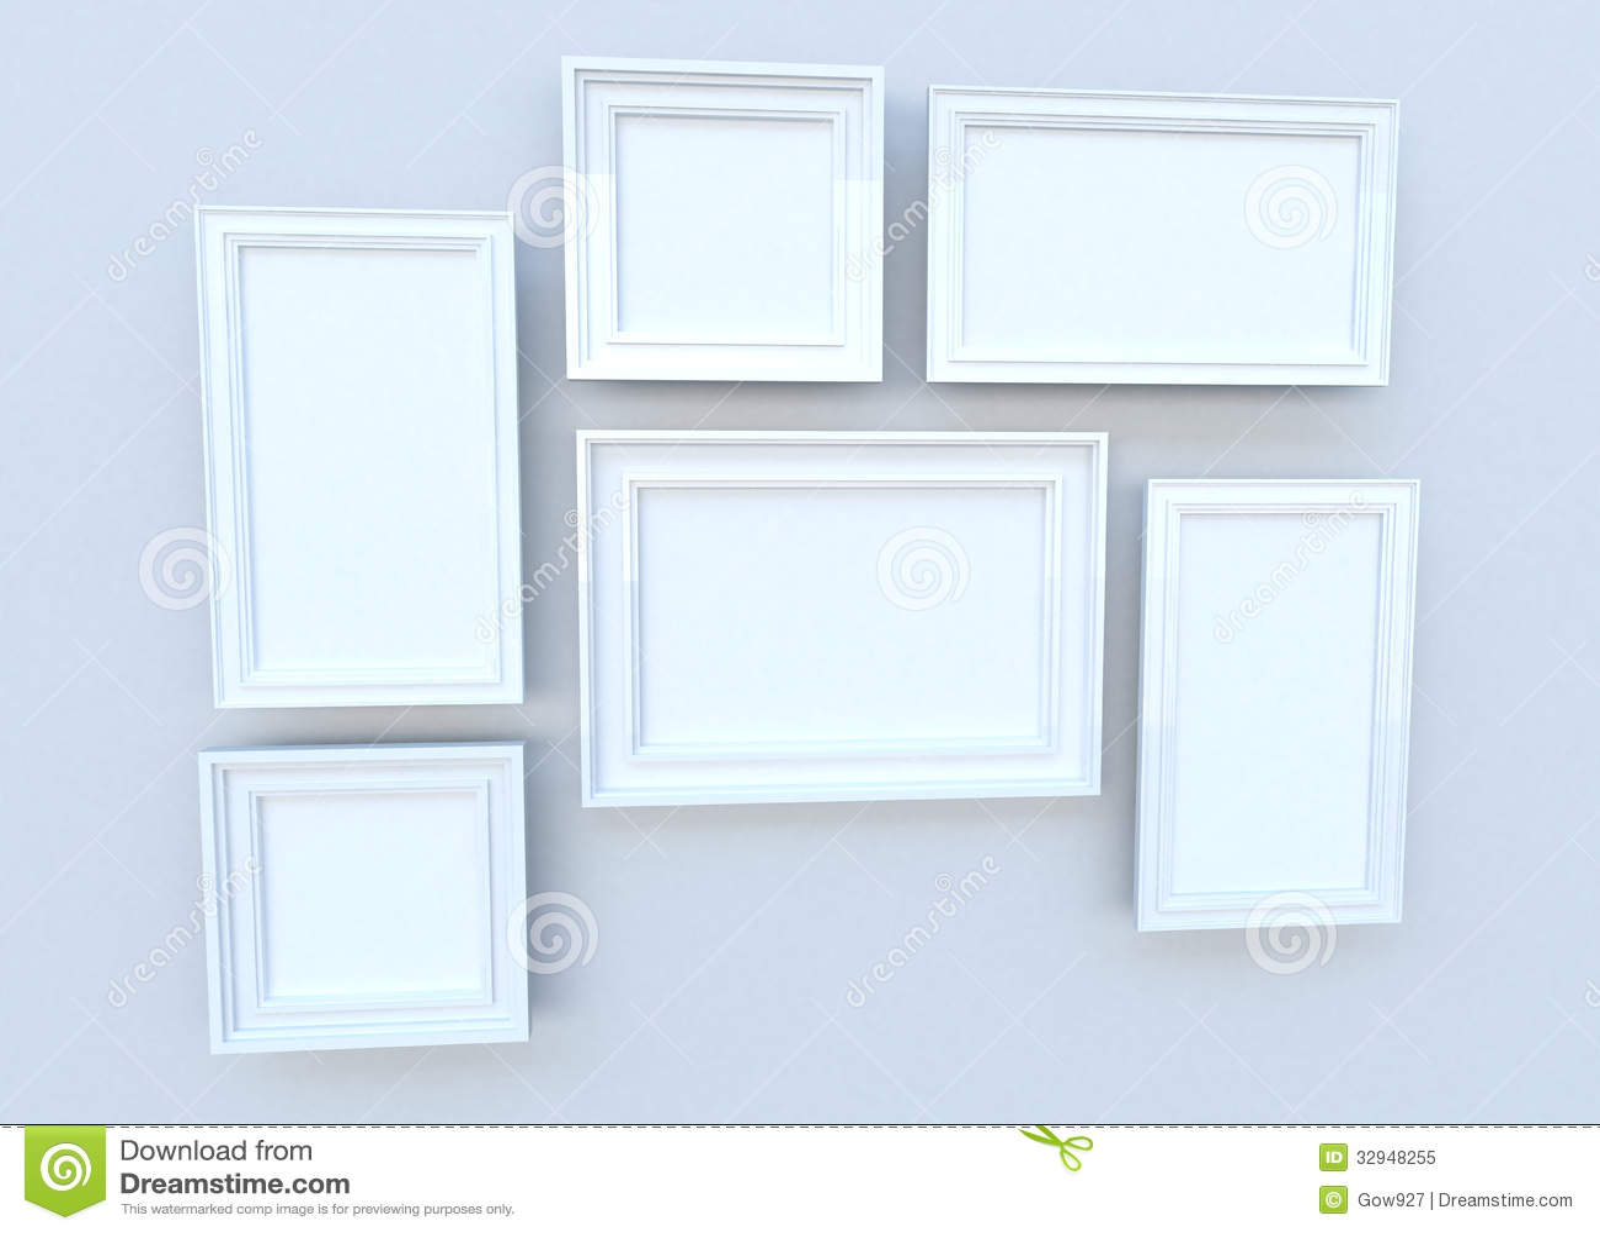 Rahmen Des Weißen Quadrats Auf Der Wand (3D) Stock Abbildung ...